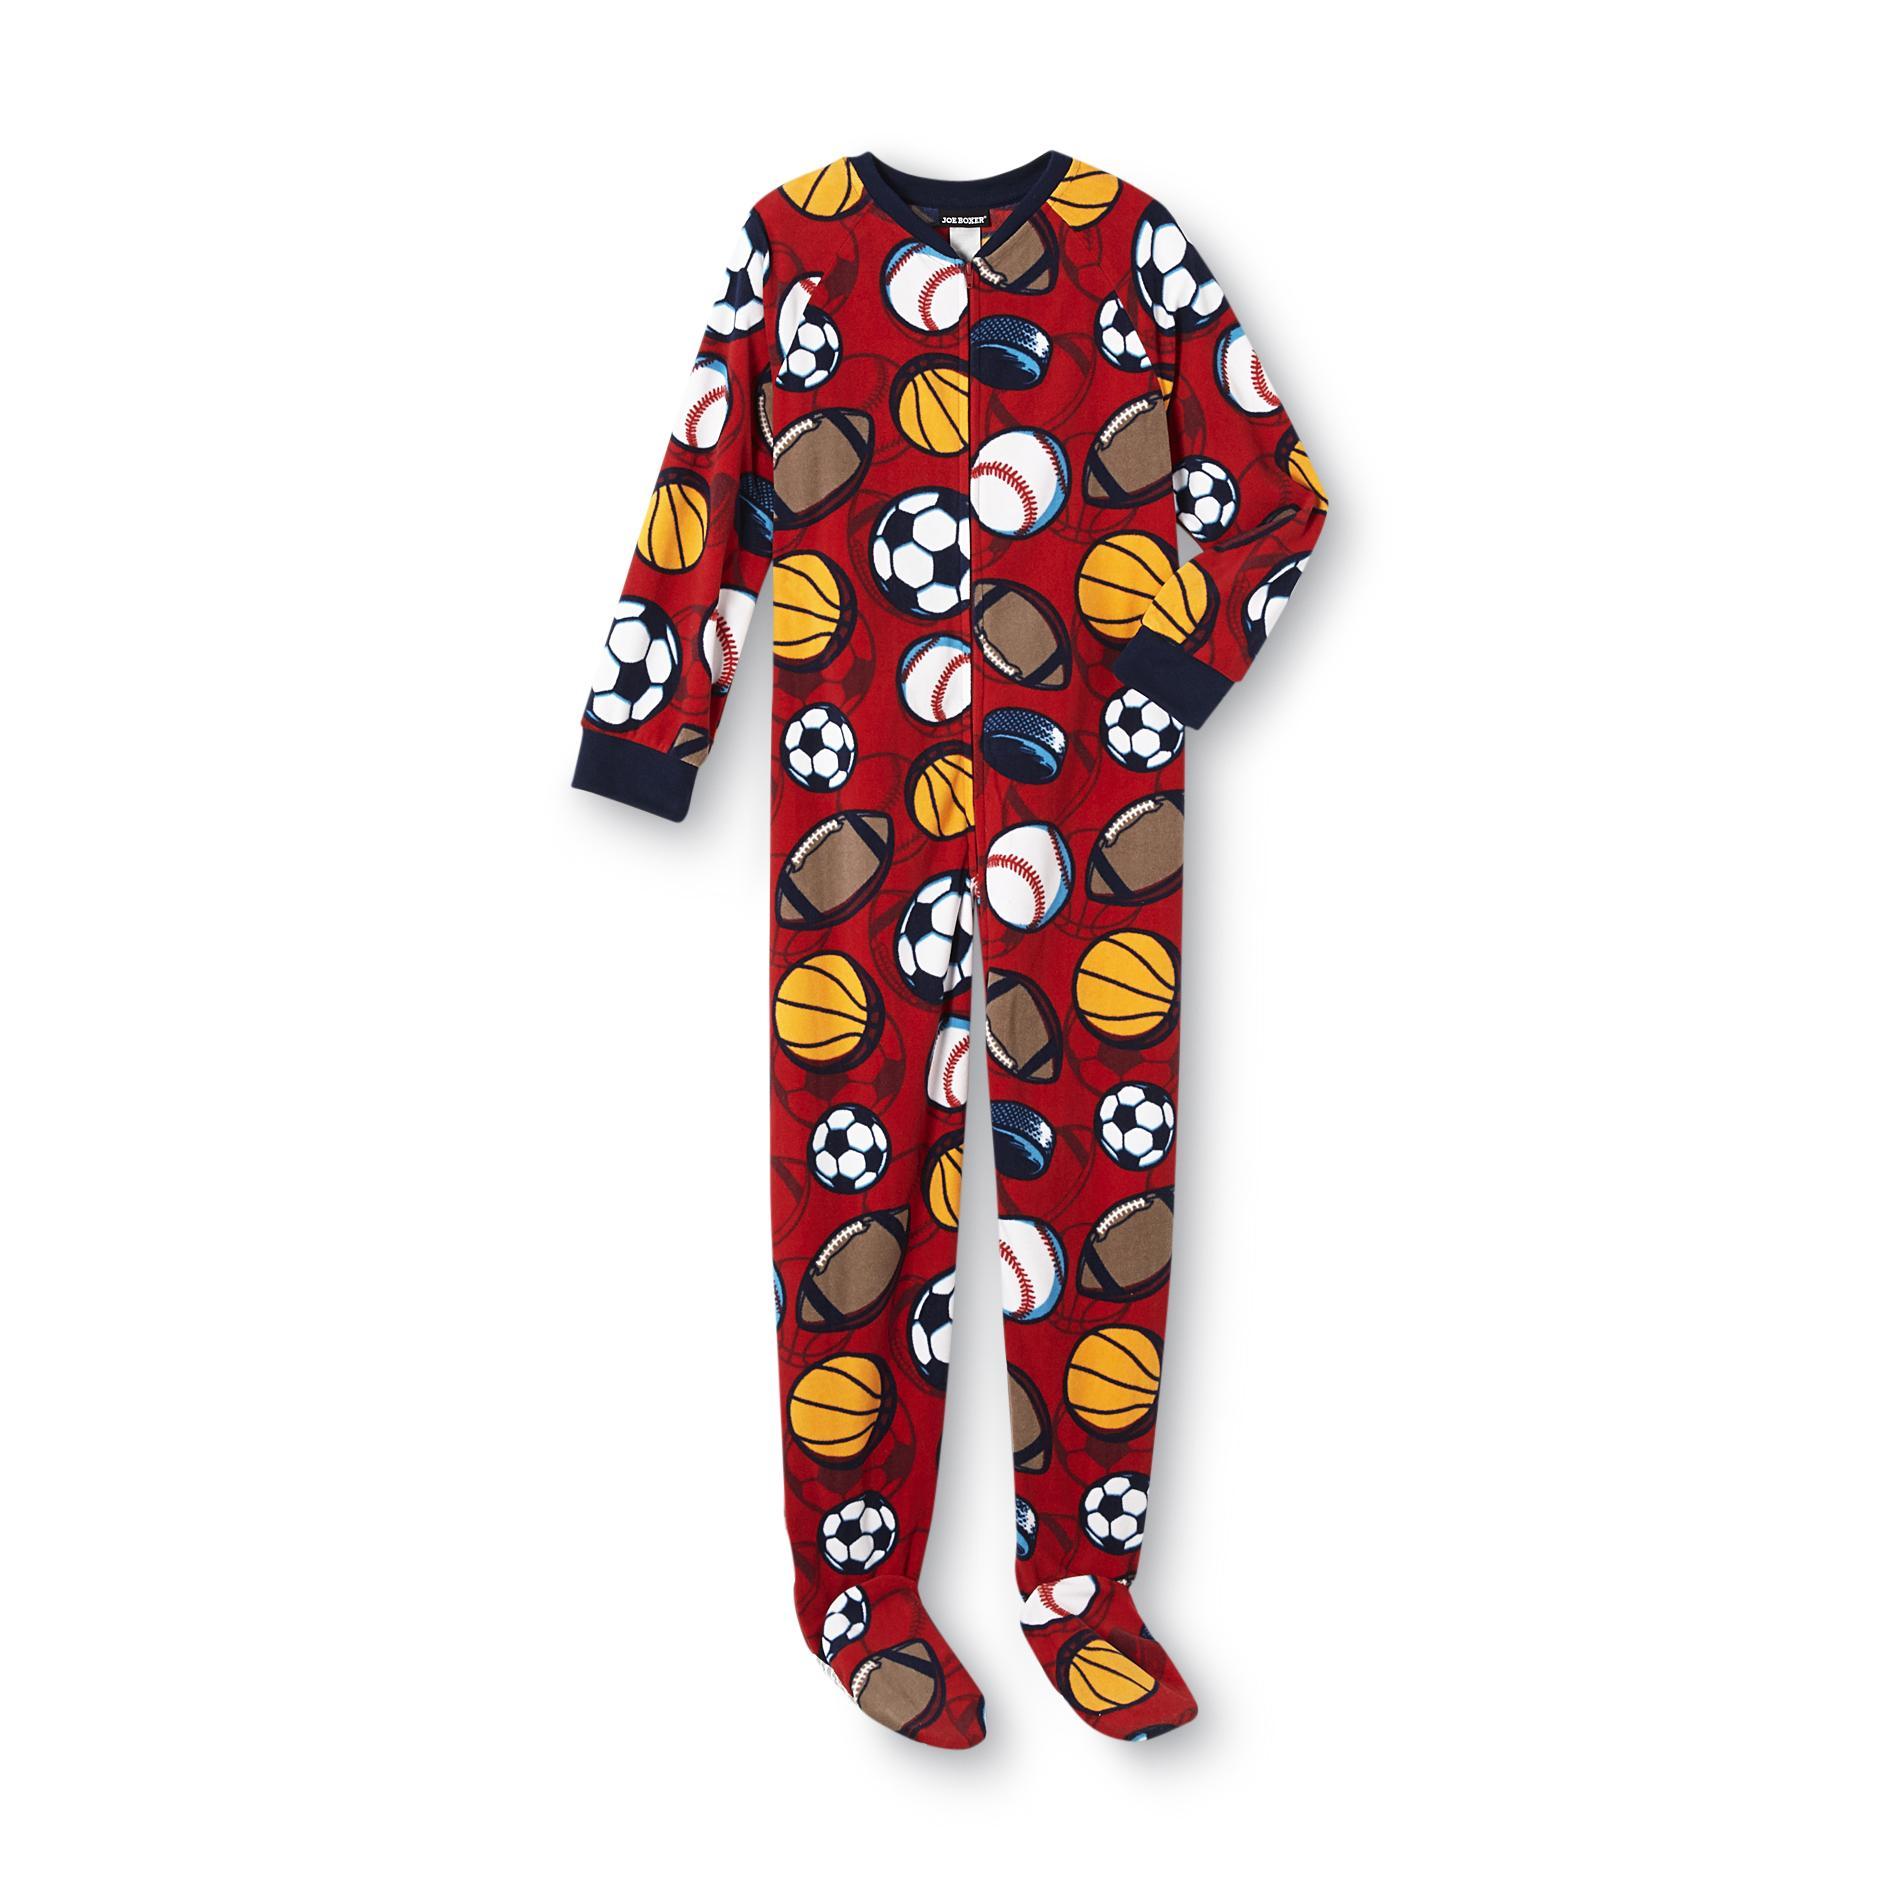 Joe Boxer Footed Pajamas Boys